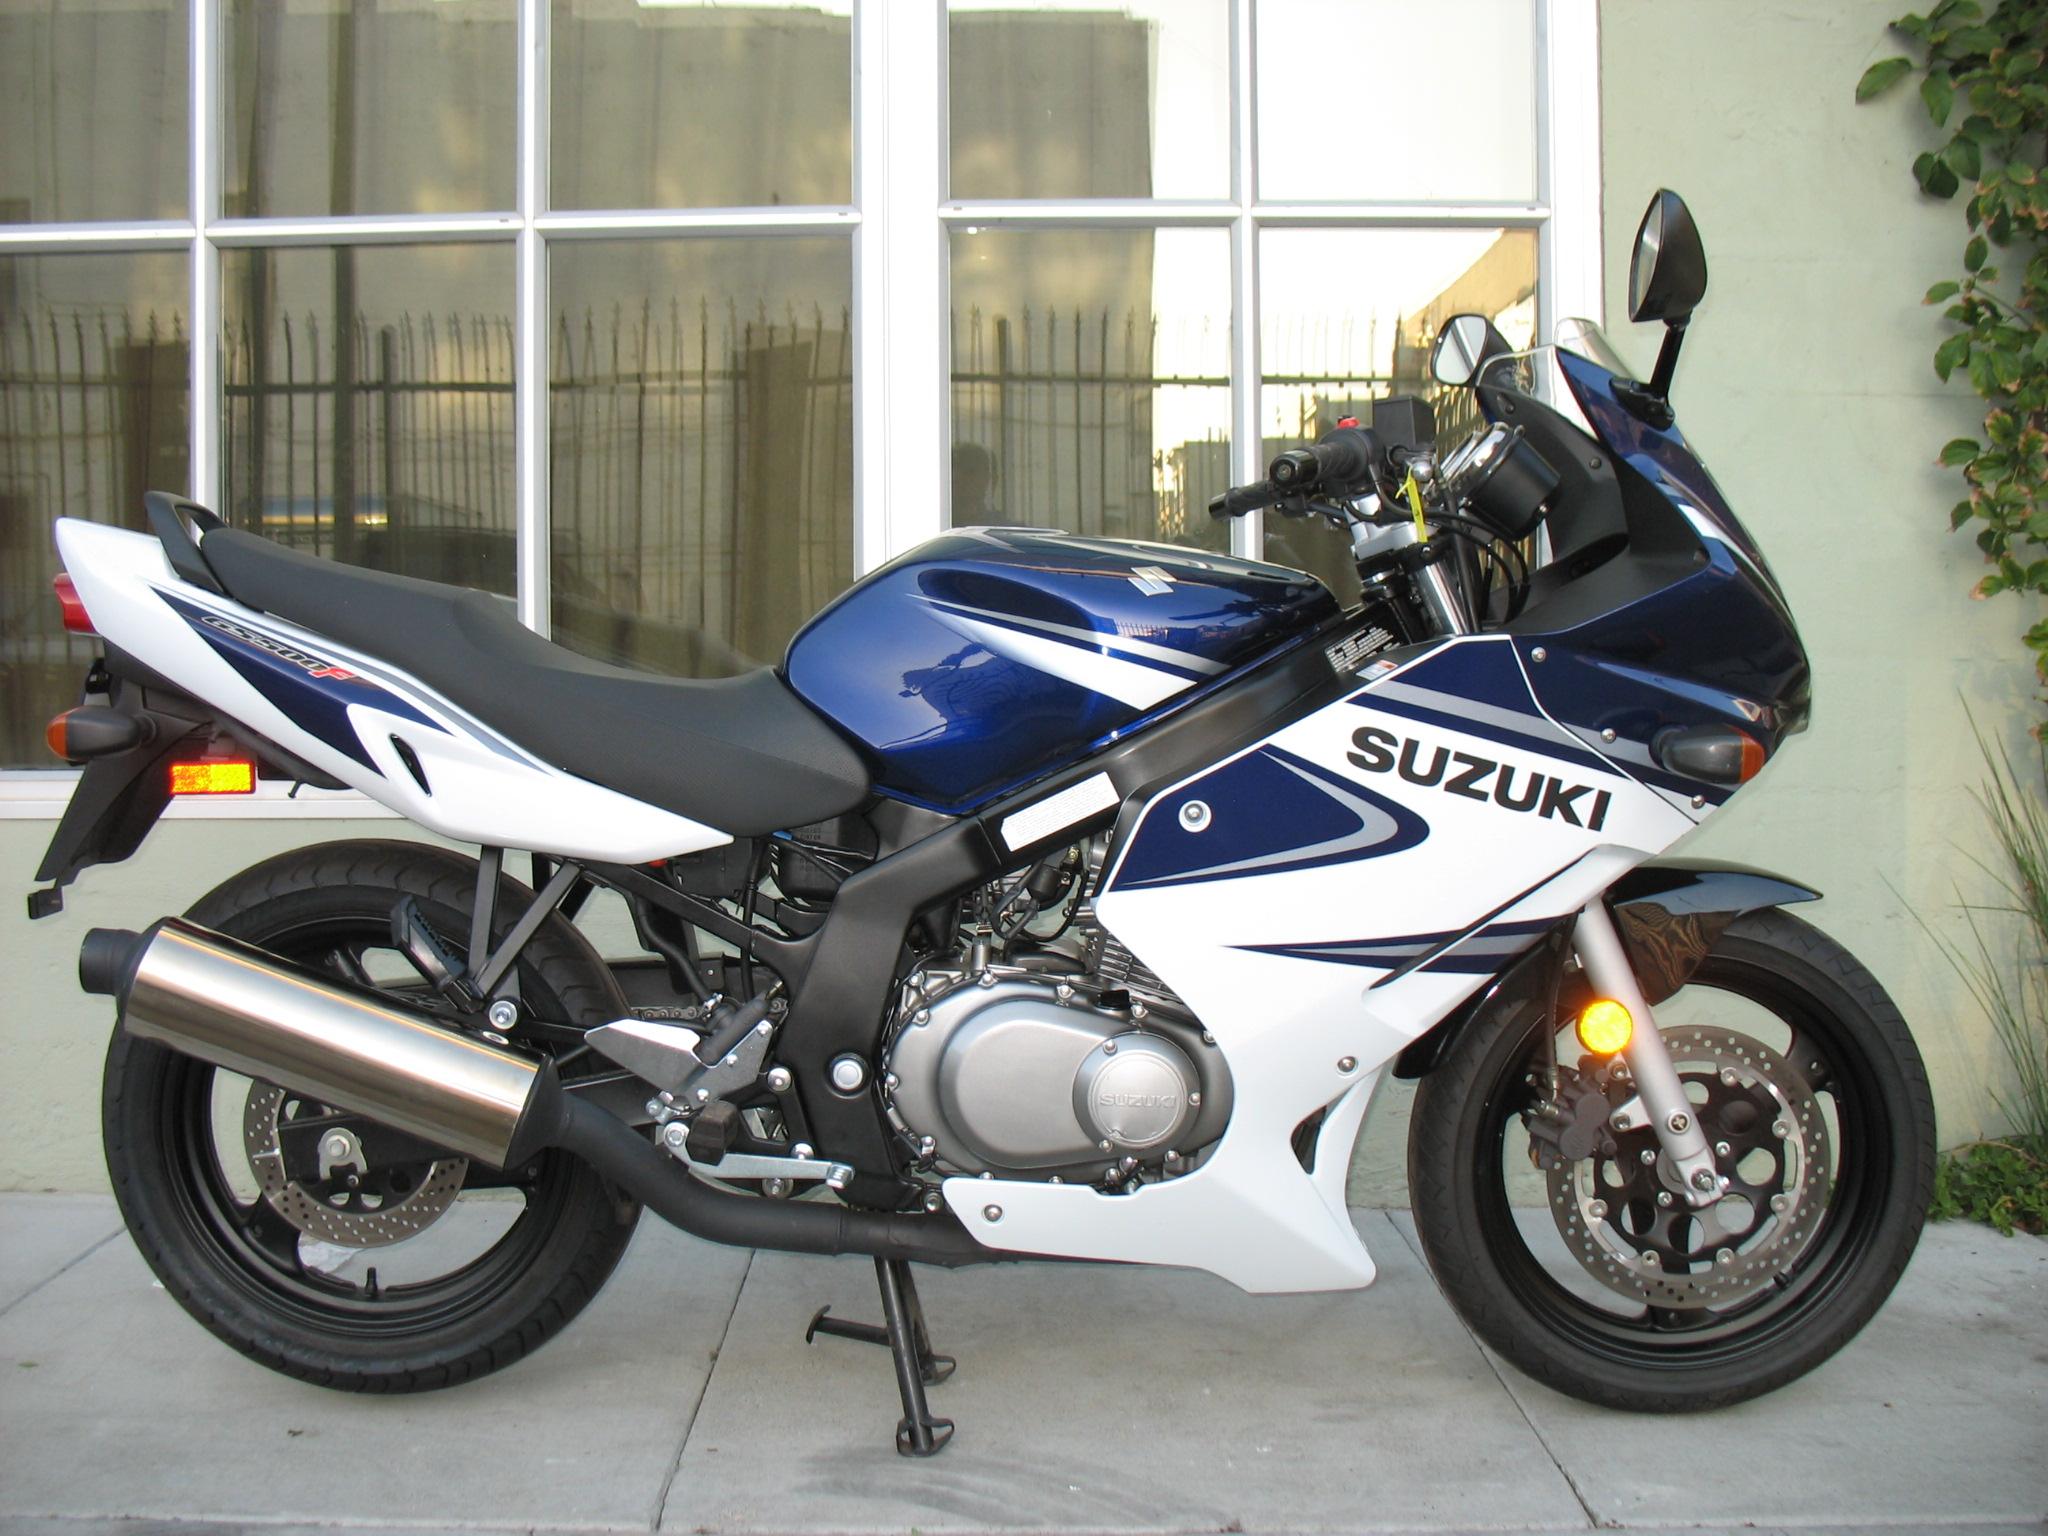 Suzuki-gs500f-4